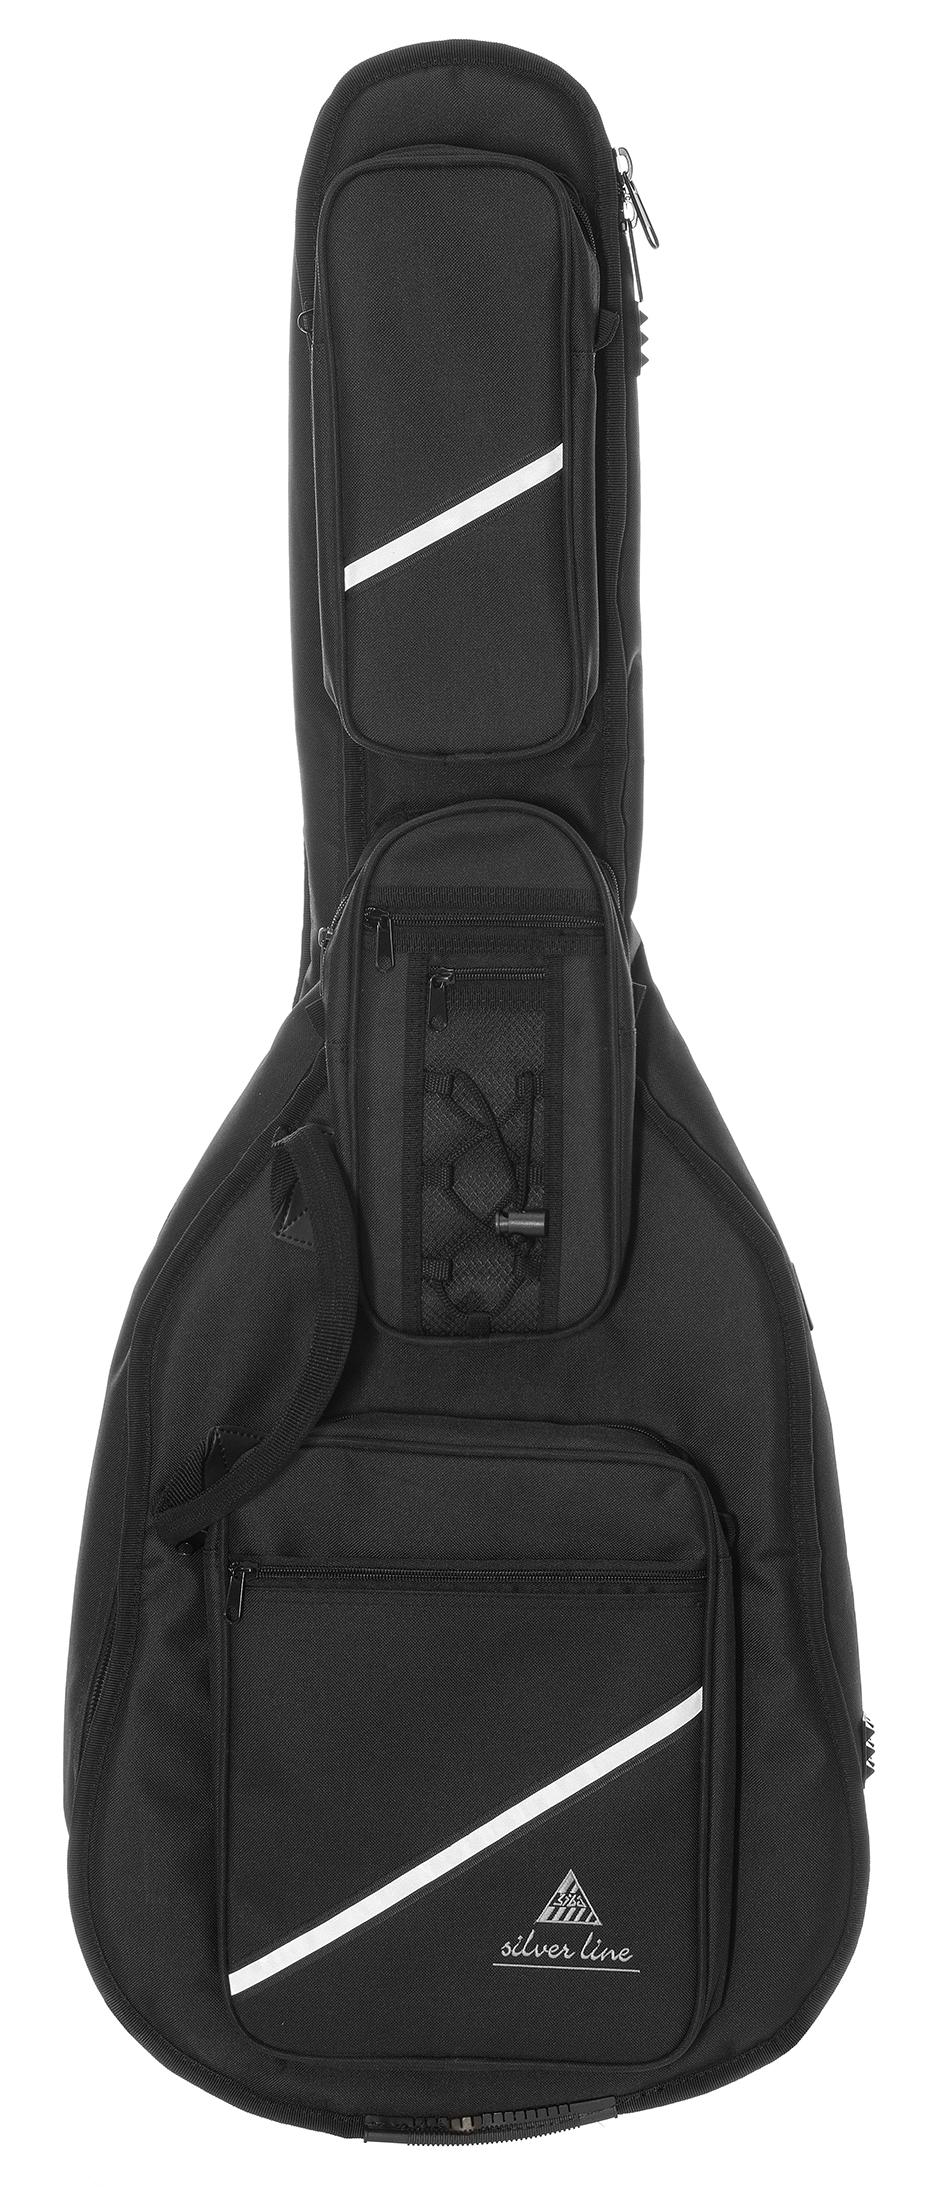 Šiba SILVER LINE 103C - Obal na klasickou kytaru